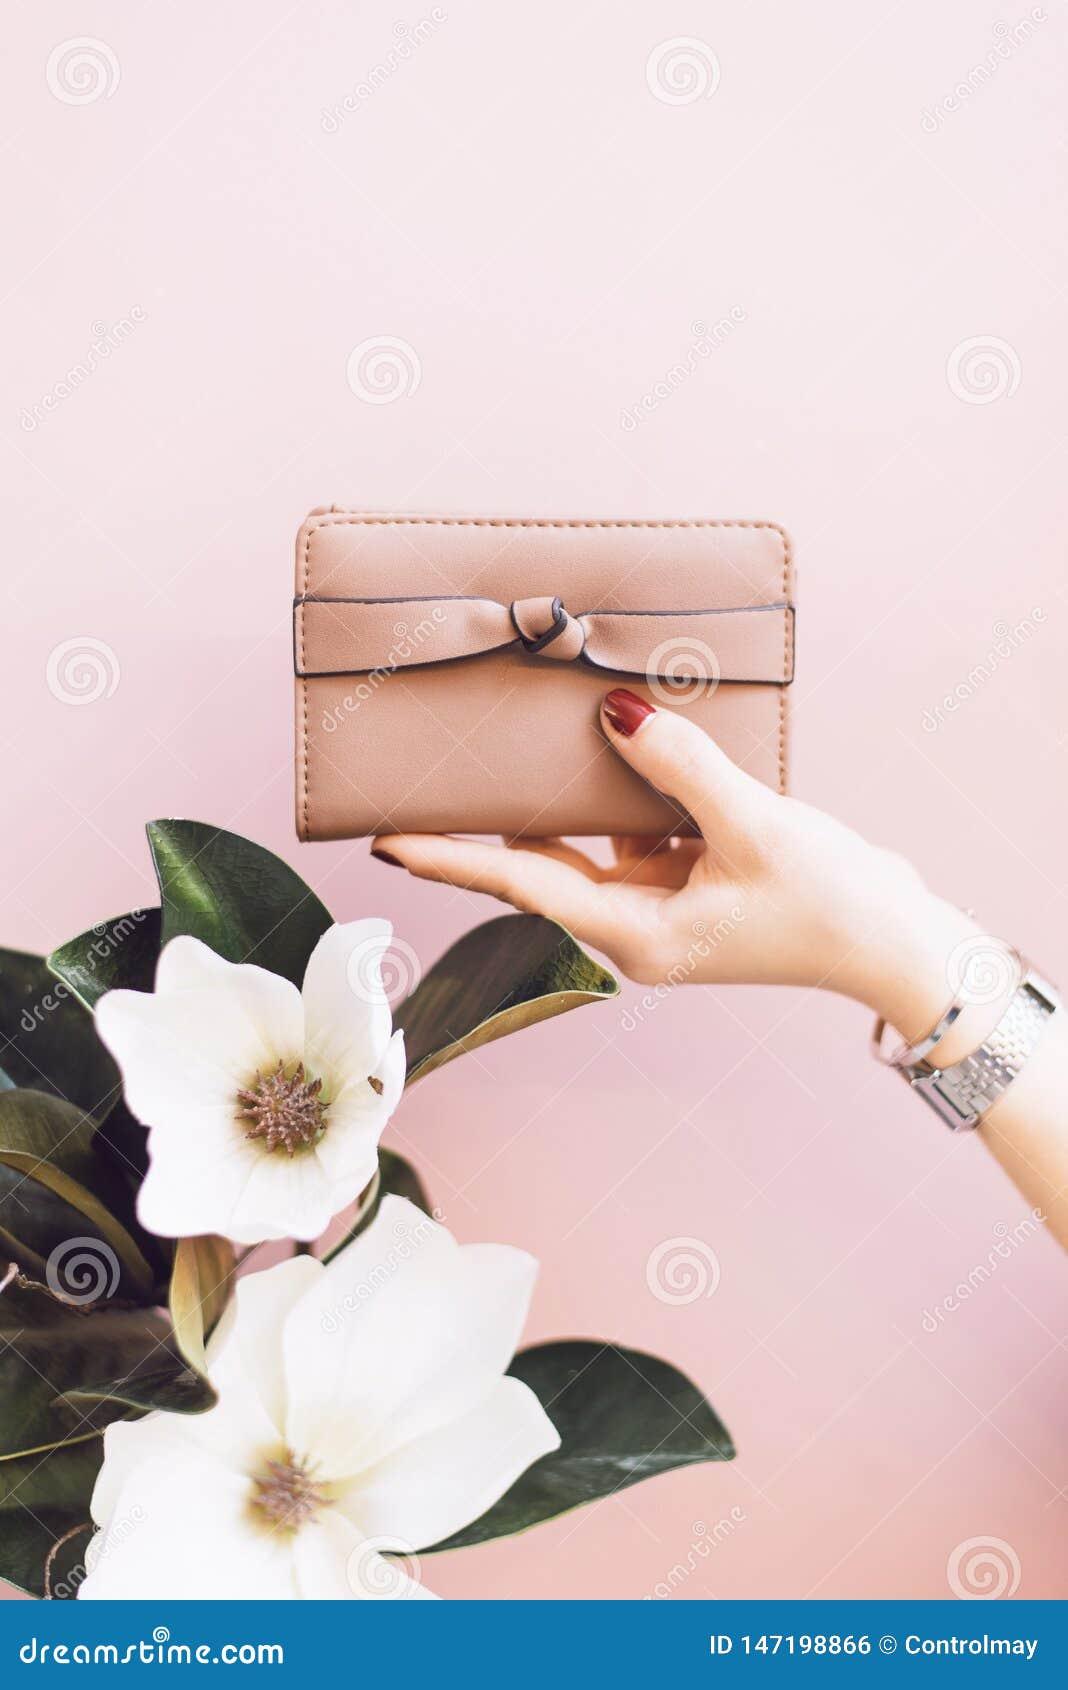 Mädchen, das eine rosa Geldbörse auf einem leichten Pastellhintergrund mit einer Blume hält